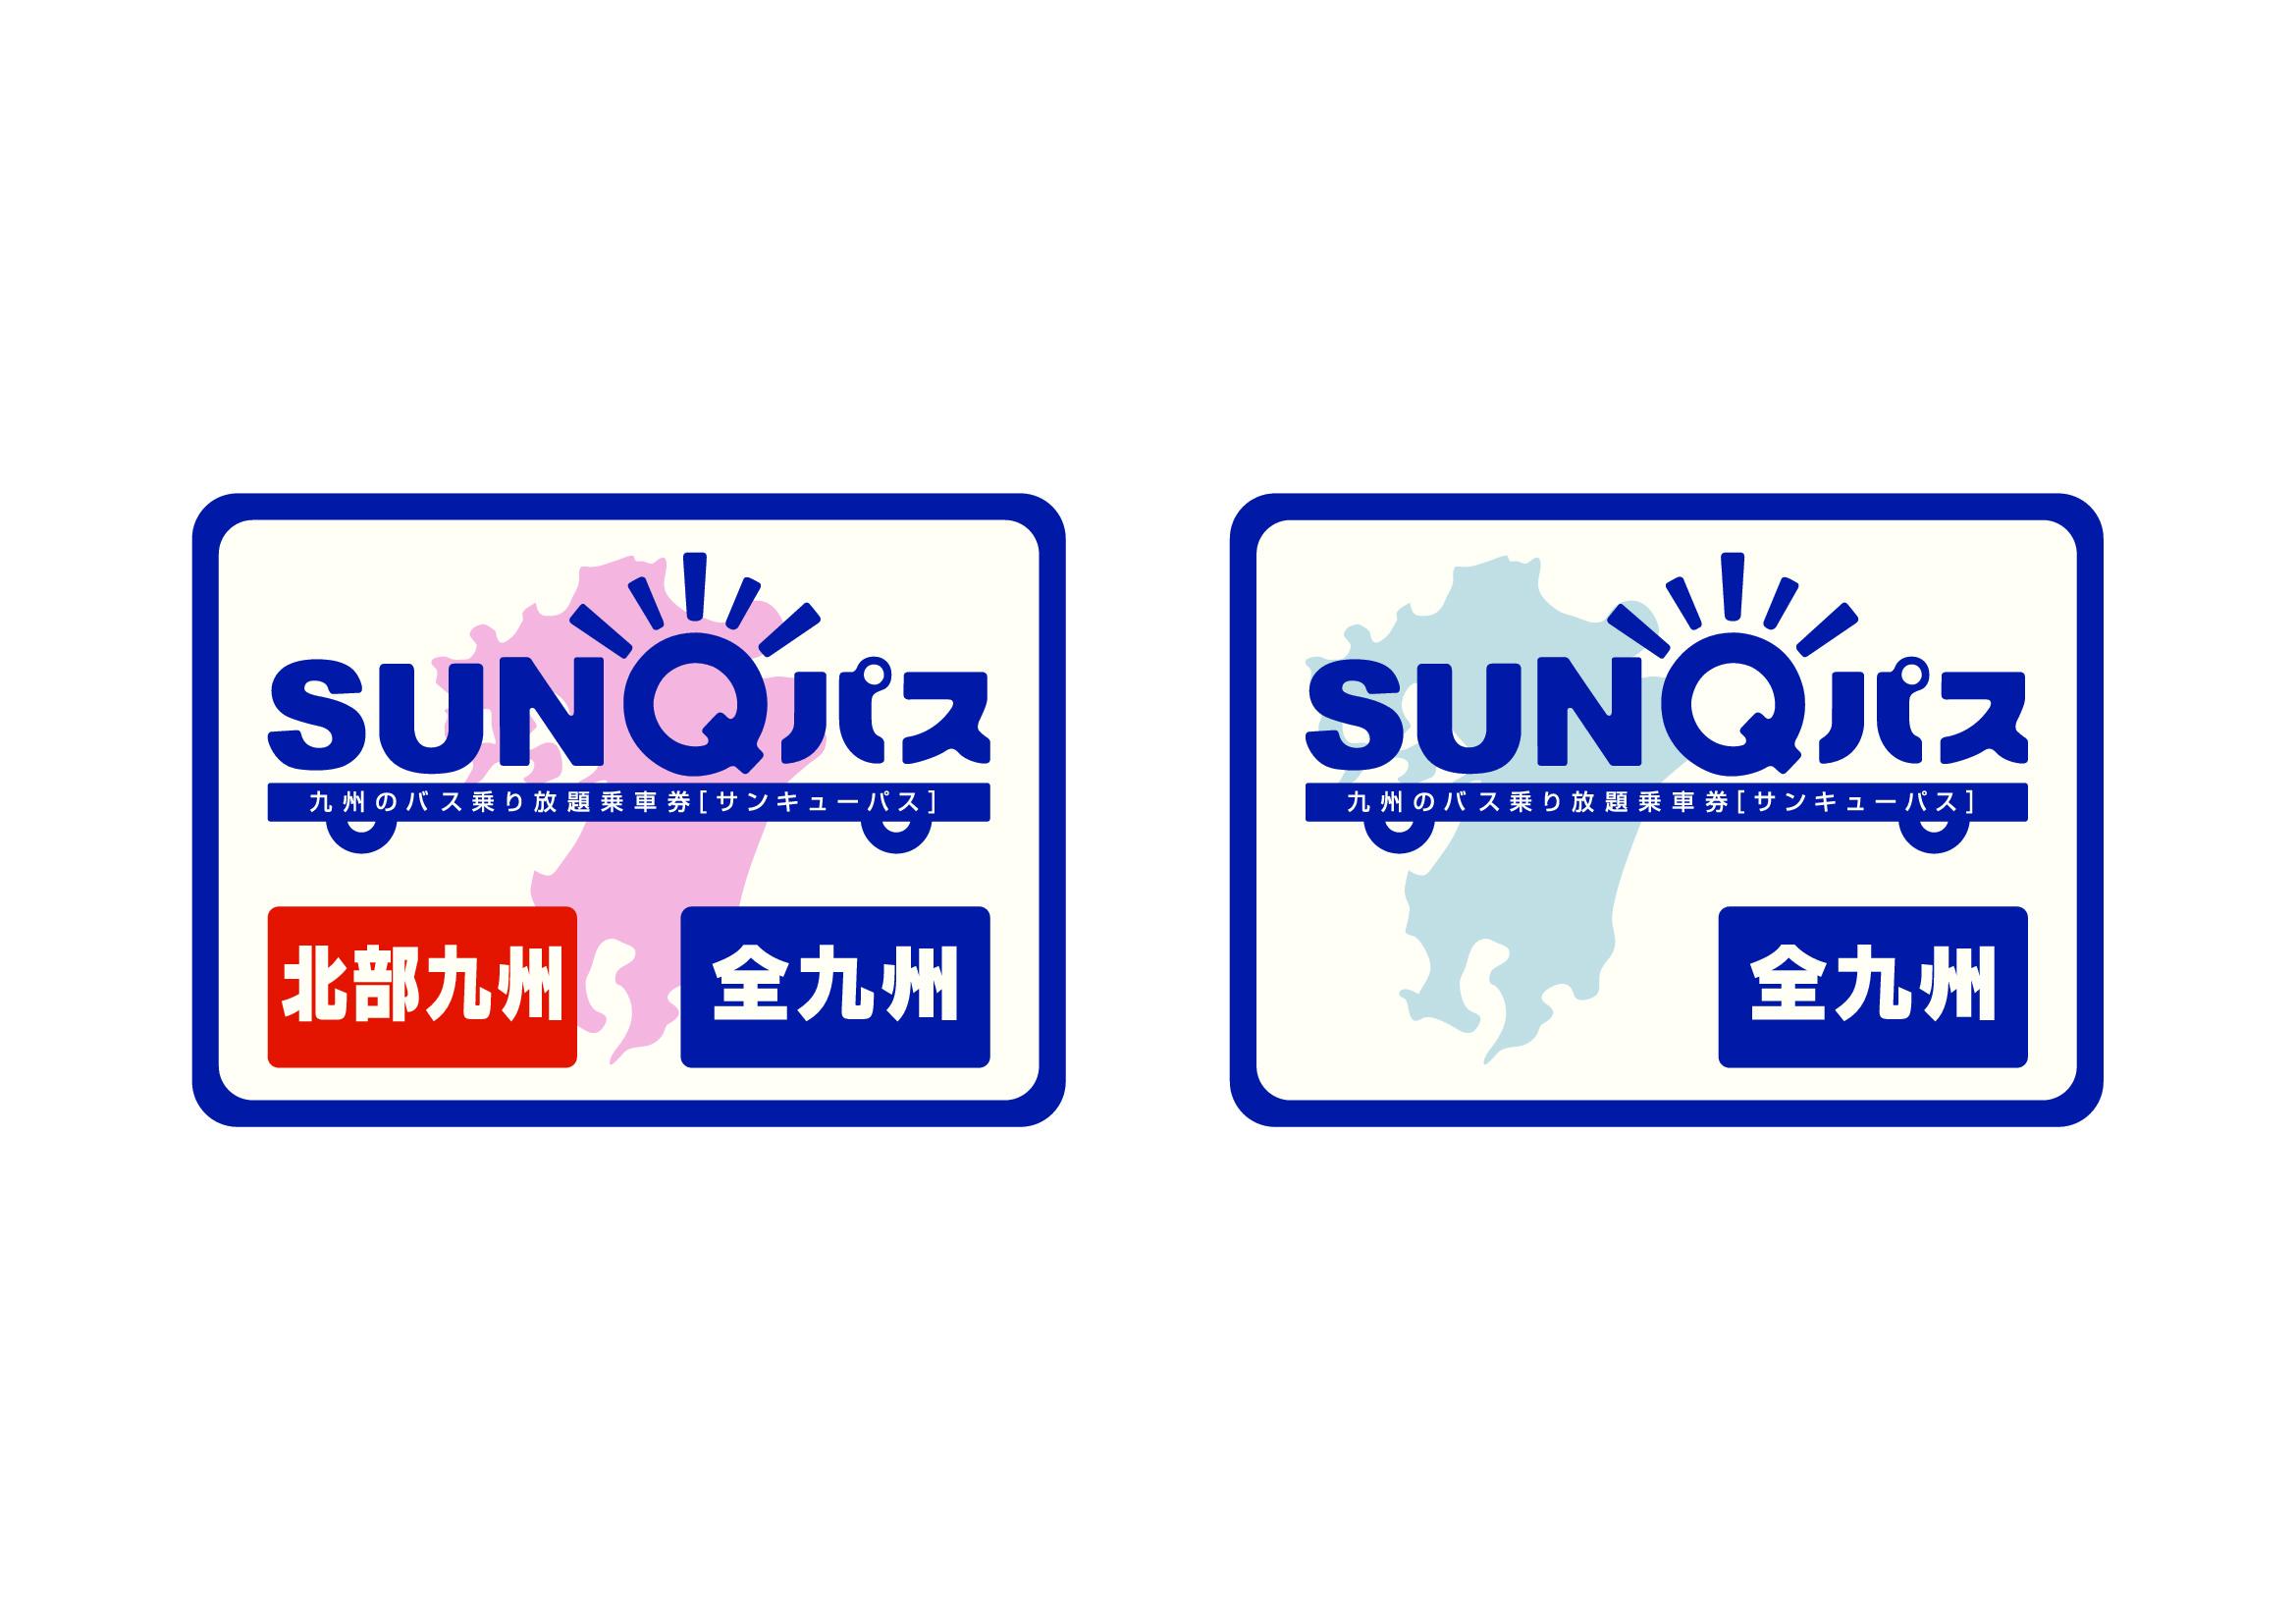 【九州巴士票券】SUNQ PASS 北九州/全九州三日券(台灣郵寄)